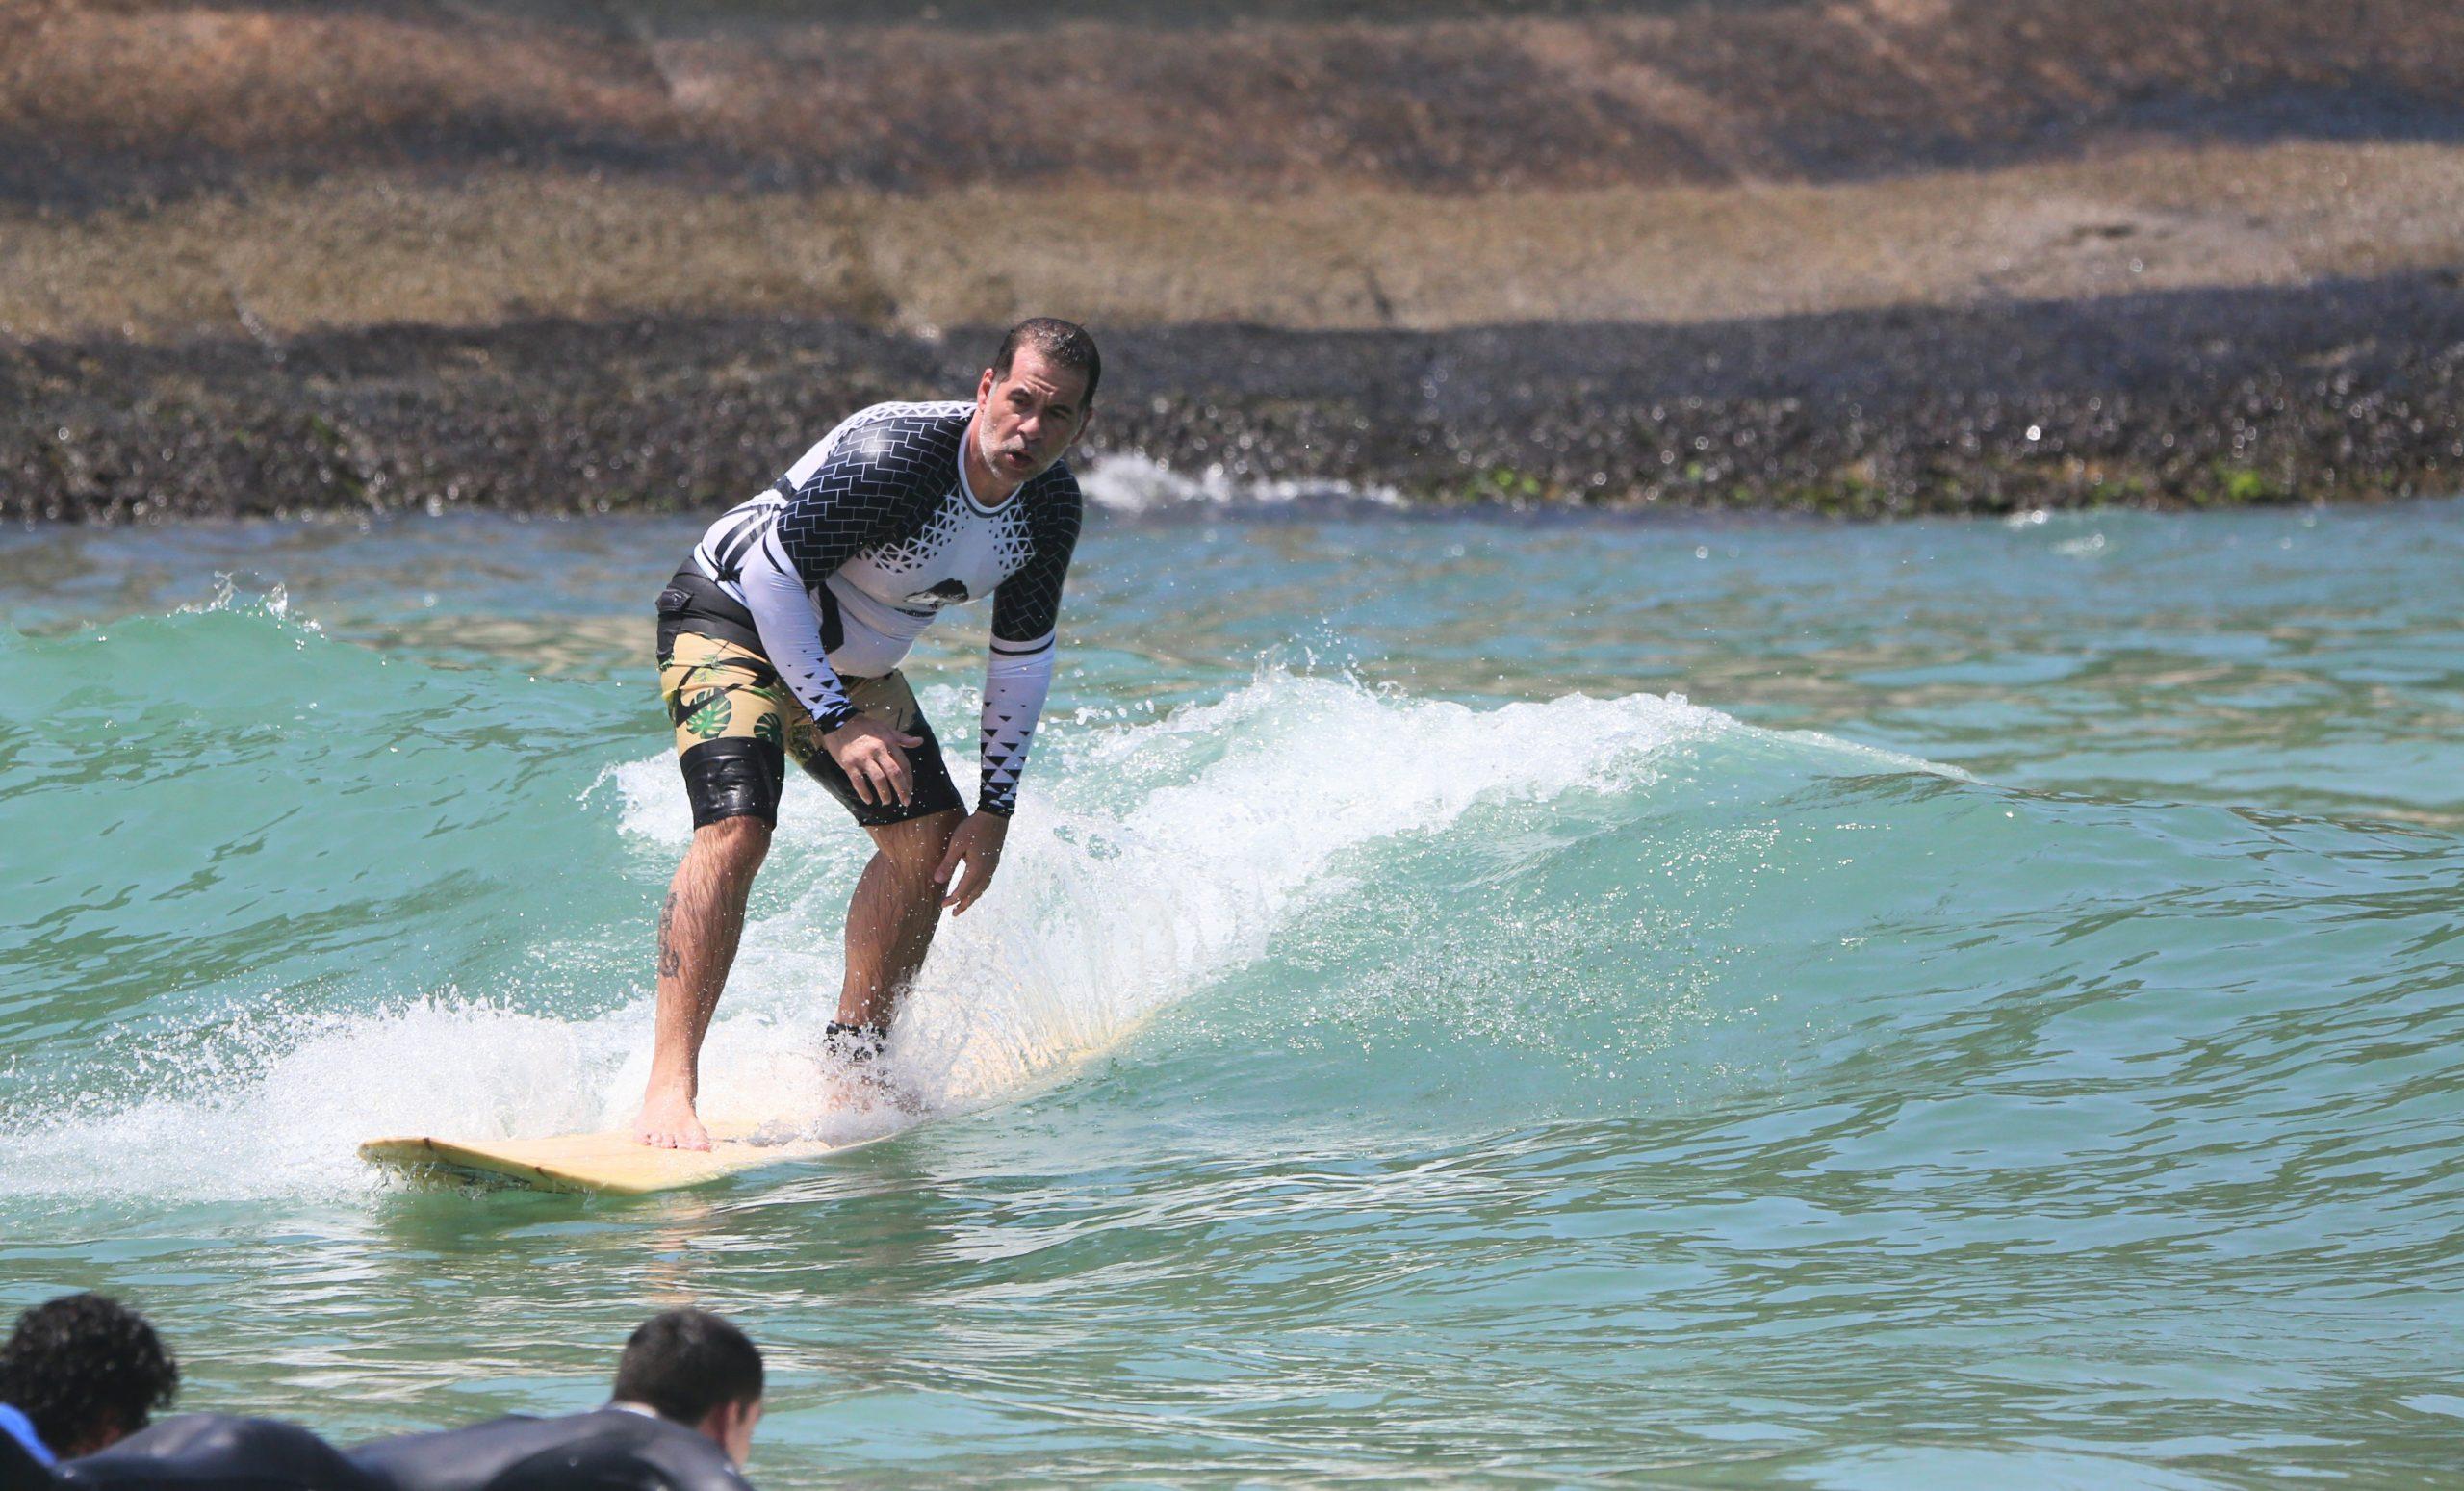 Aos 47 anos, Leandro Hassum aprende a surfar em praia carioca